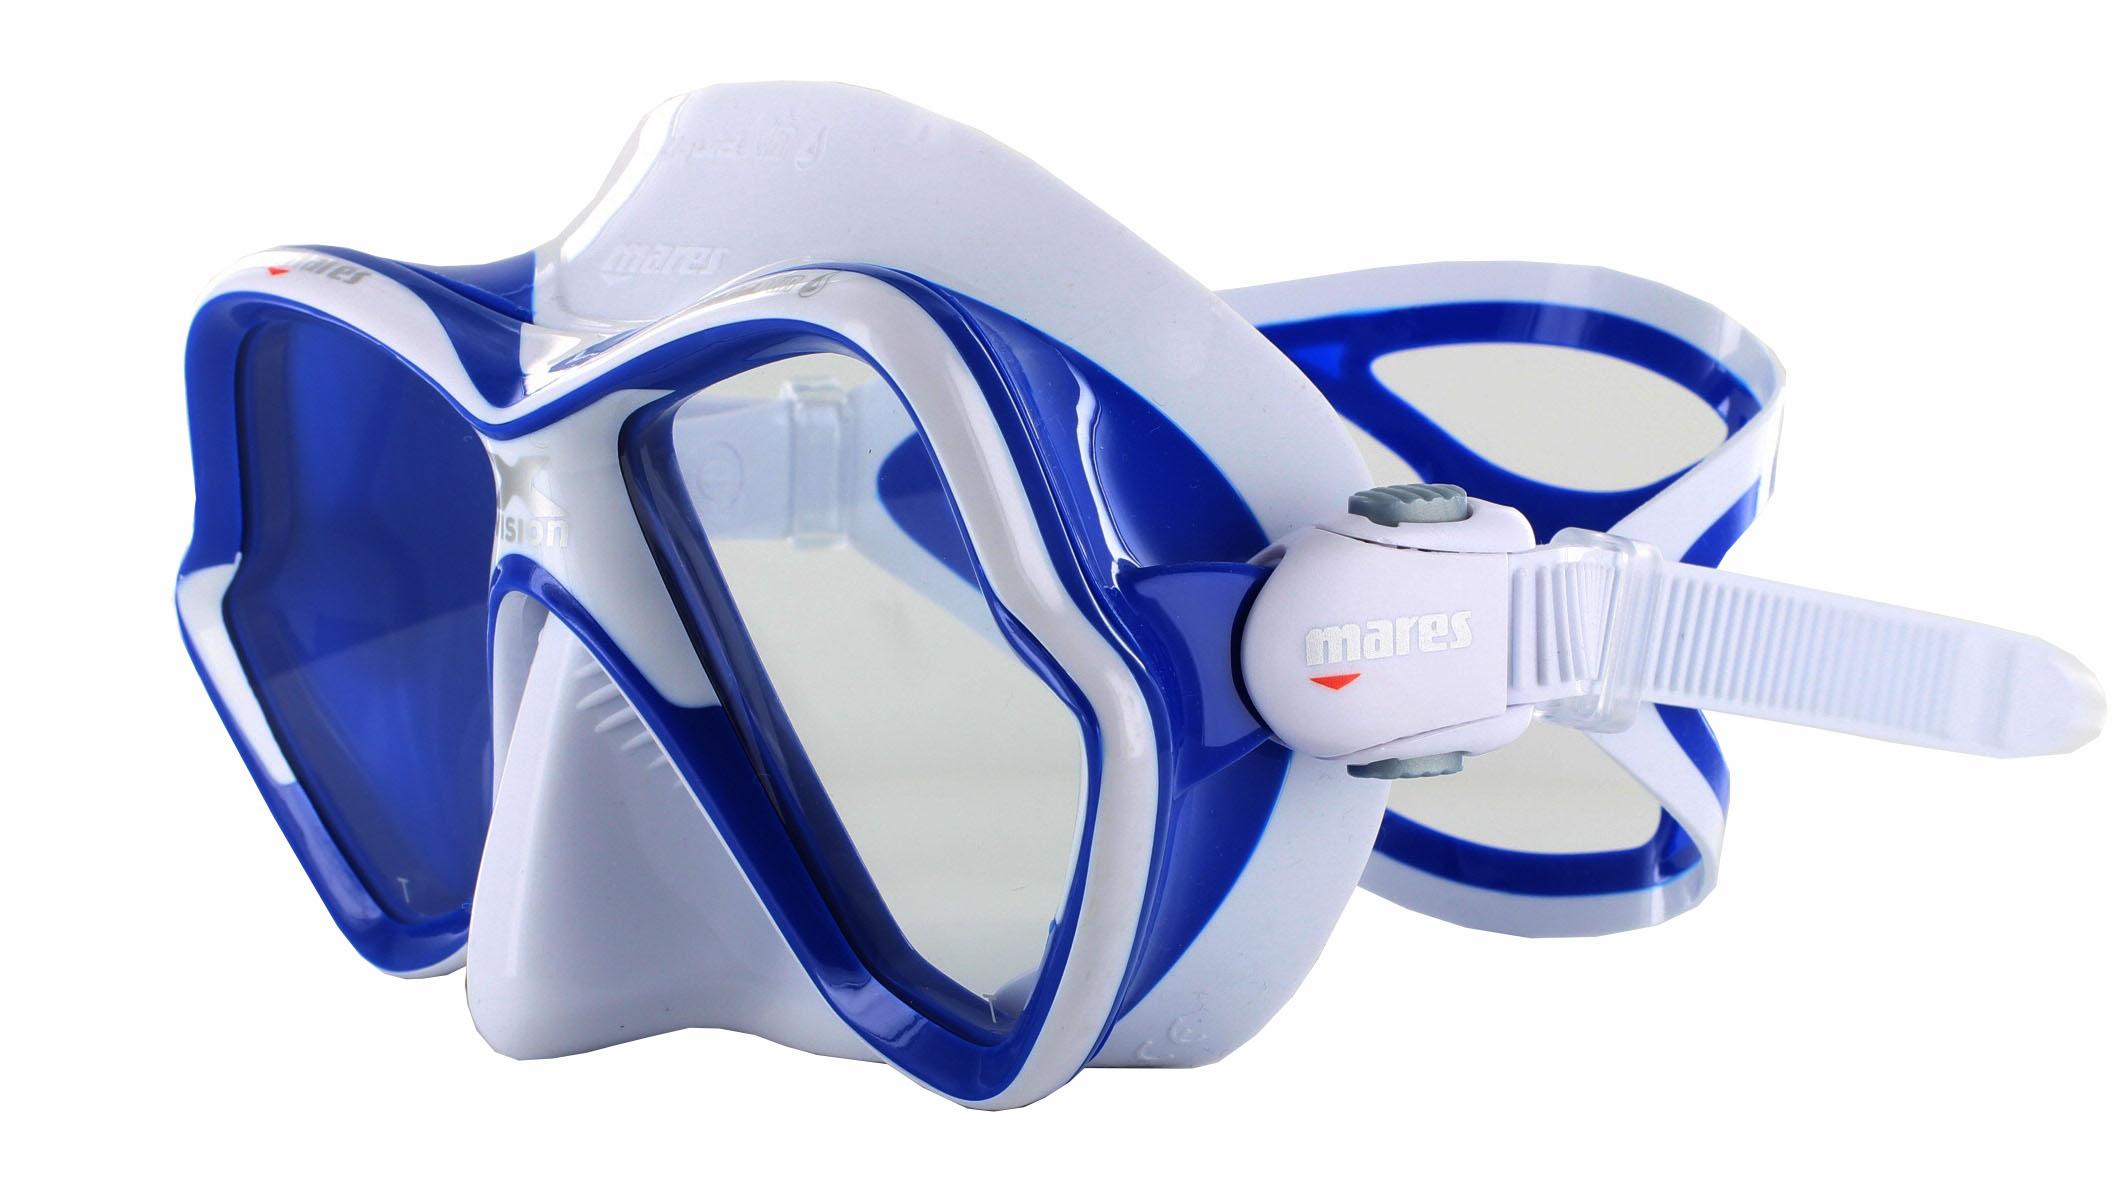 Mares X-Vision Ultra LS - White/Blue Schräge Ansicht